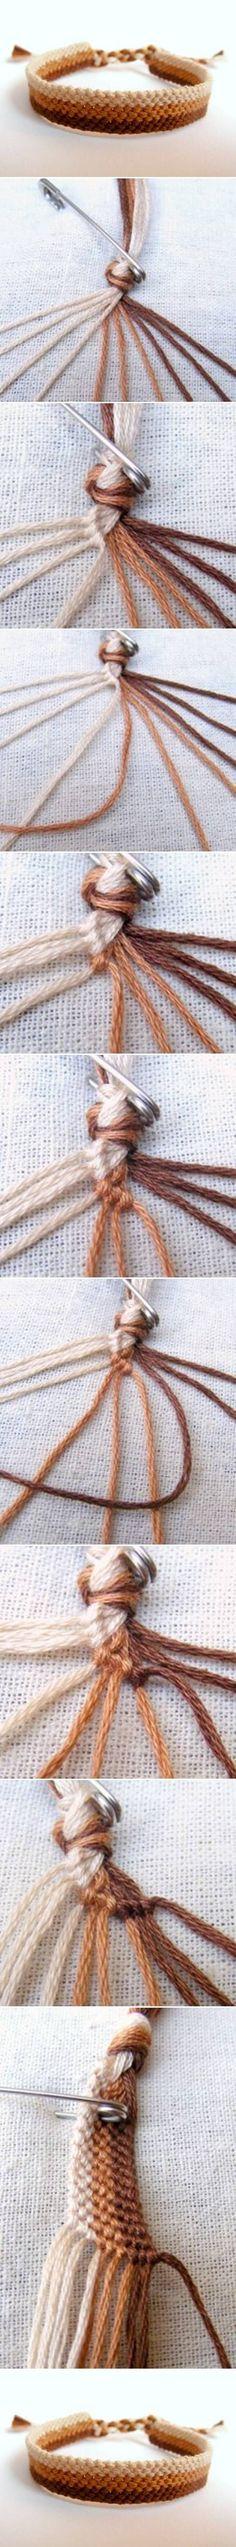 DIY Easy Weave Bracelet is part of Woven bracelet diy - Diy Bracelets Easy, Bracelet Crafts, Macrame Bracelets, Jewelry Crafts, String Bracelets, Knotted Bracelet, Bracelet Making, Crochet Bracelet, Macrame Knots